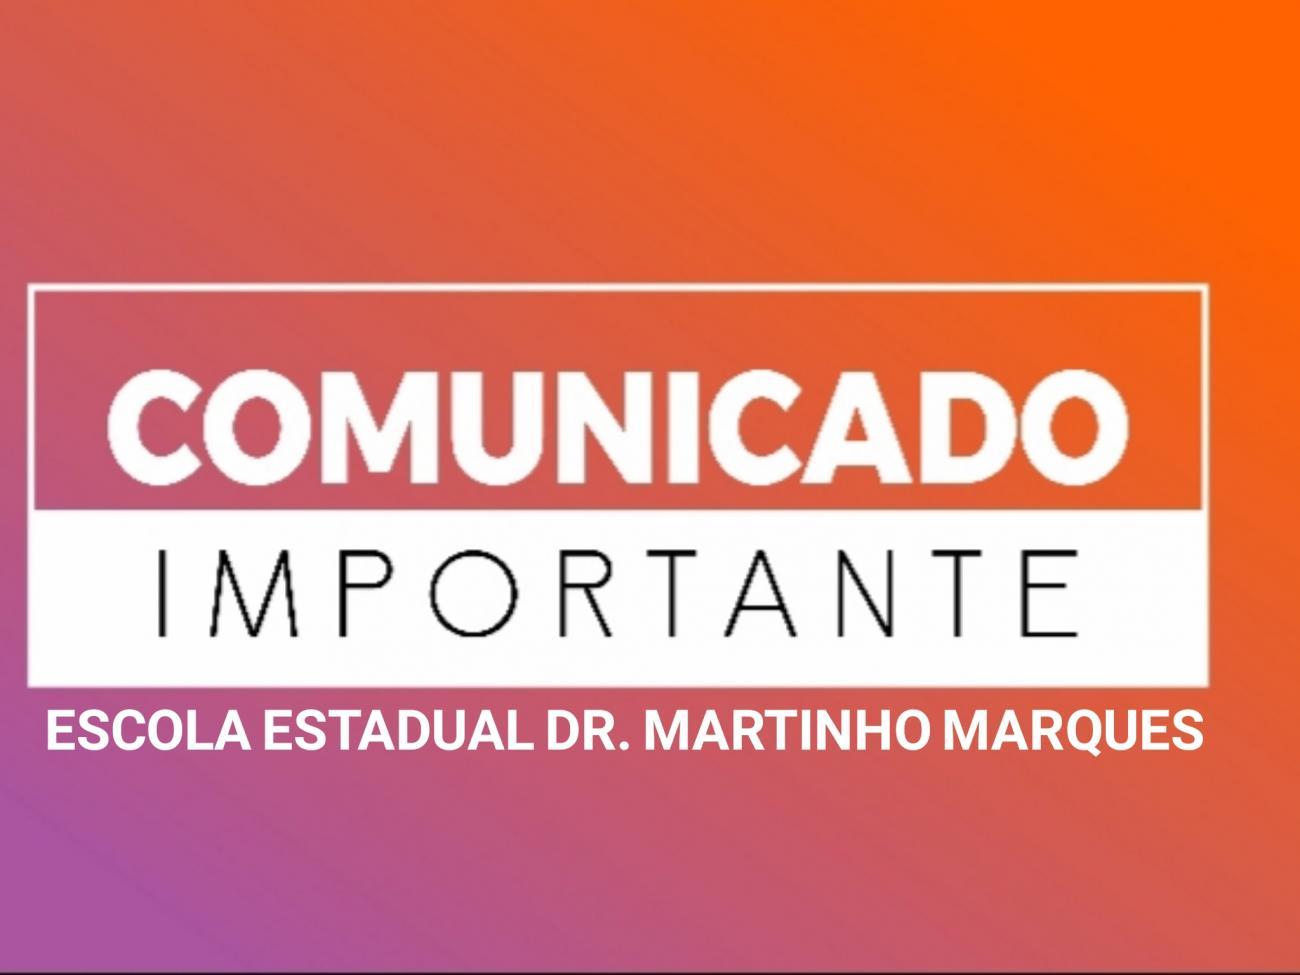 Comunicado aos estudantes e pais e/ou responsáveis da Escola Estadual Dr. Martinho Marques